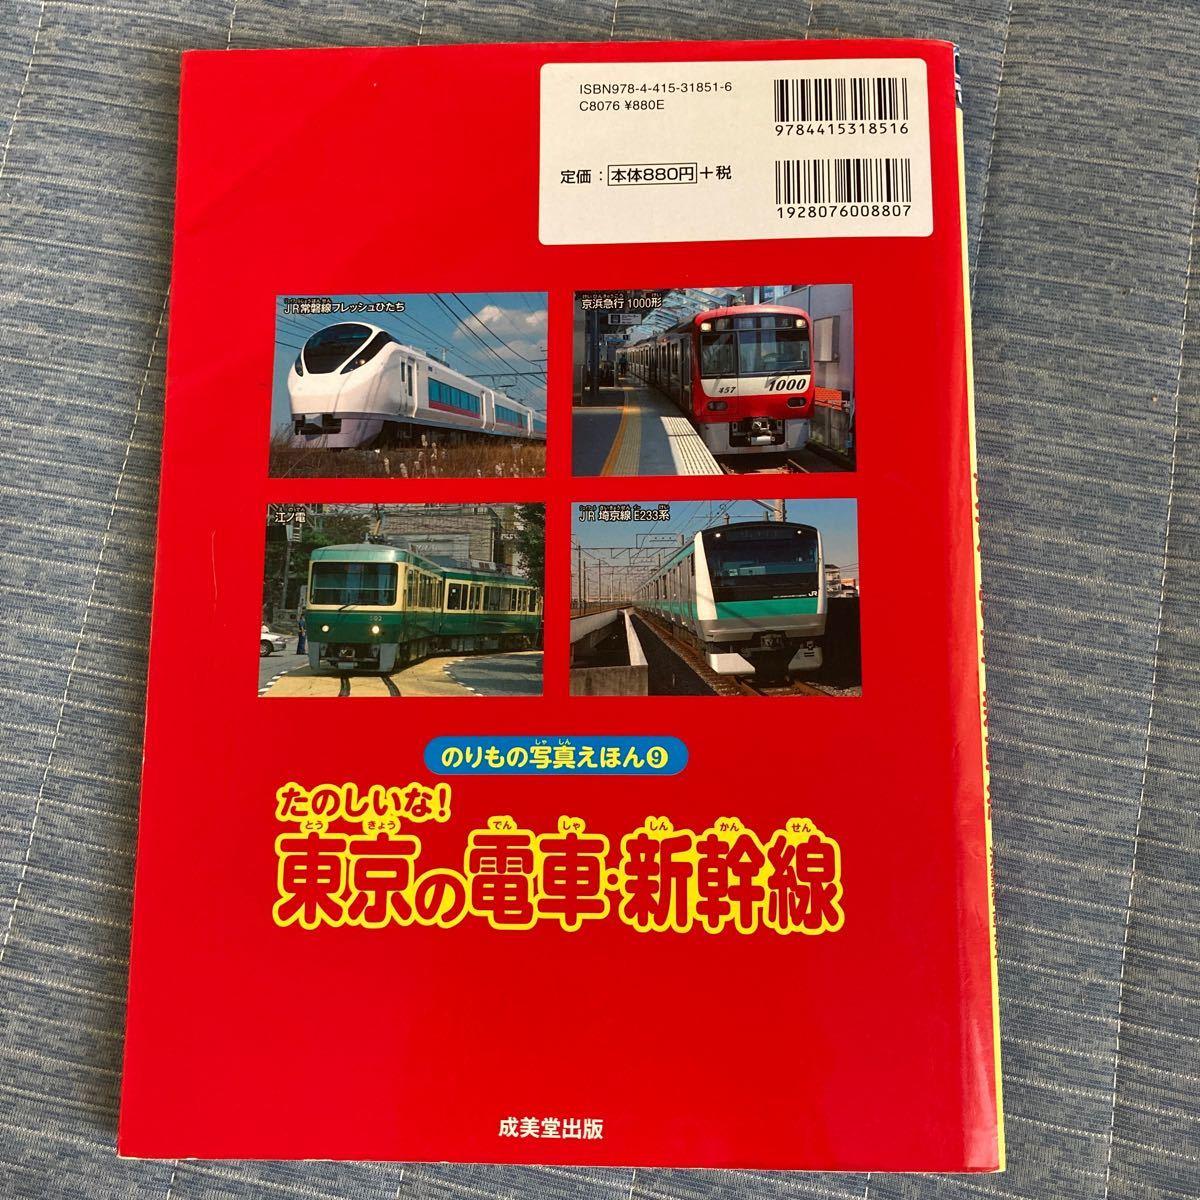 たのしいな! 東京の電車新幹線 新幹線から通勤電車まで大集合! のりもの写真えほん9/あたらしい自動車ずかん のりもの写真えほん6